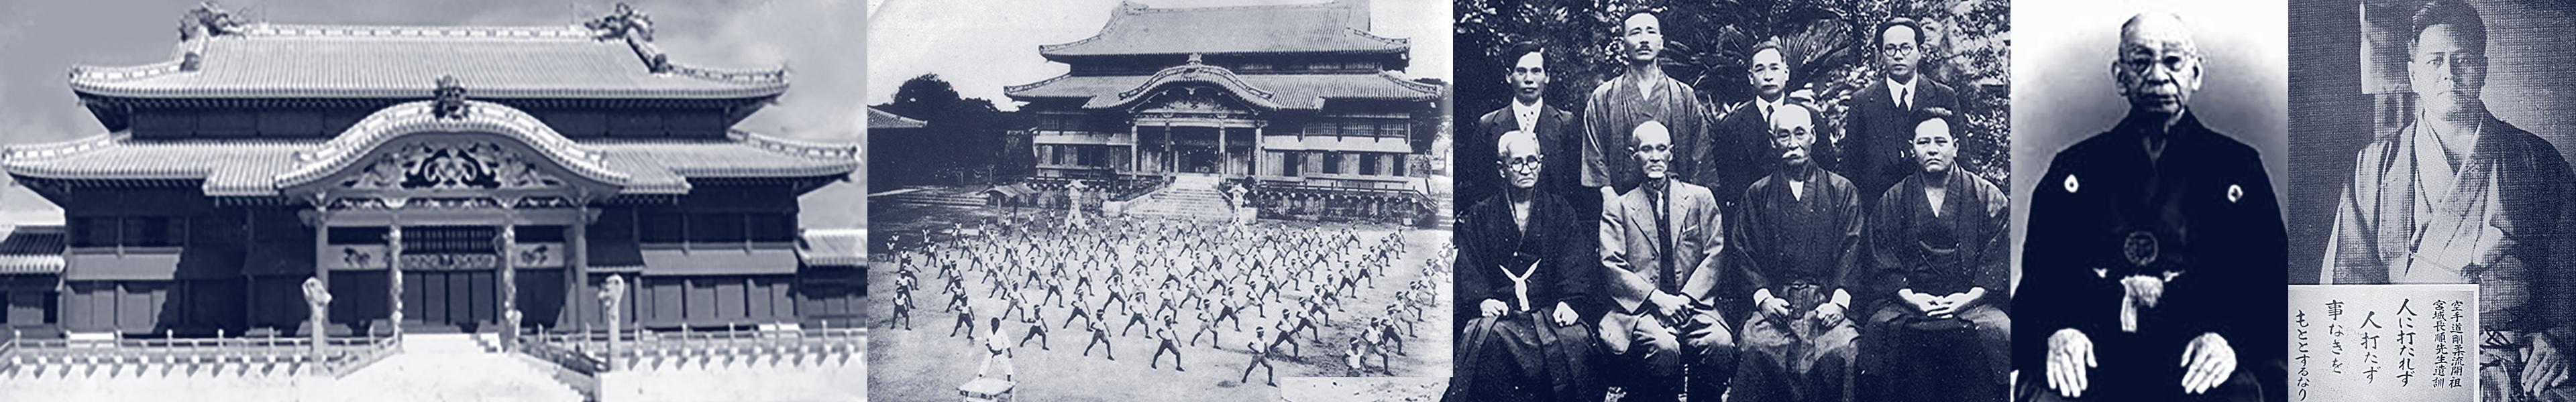 Shinjinbukan; Onaga Yoshimitsu; Okinawa Ti; Okinawa Karate Dōjō